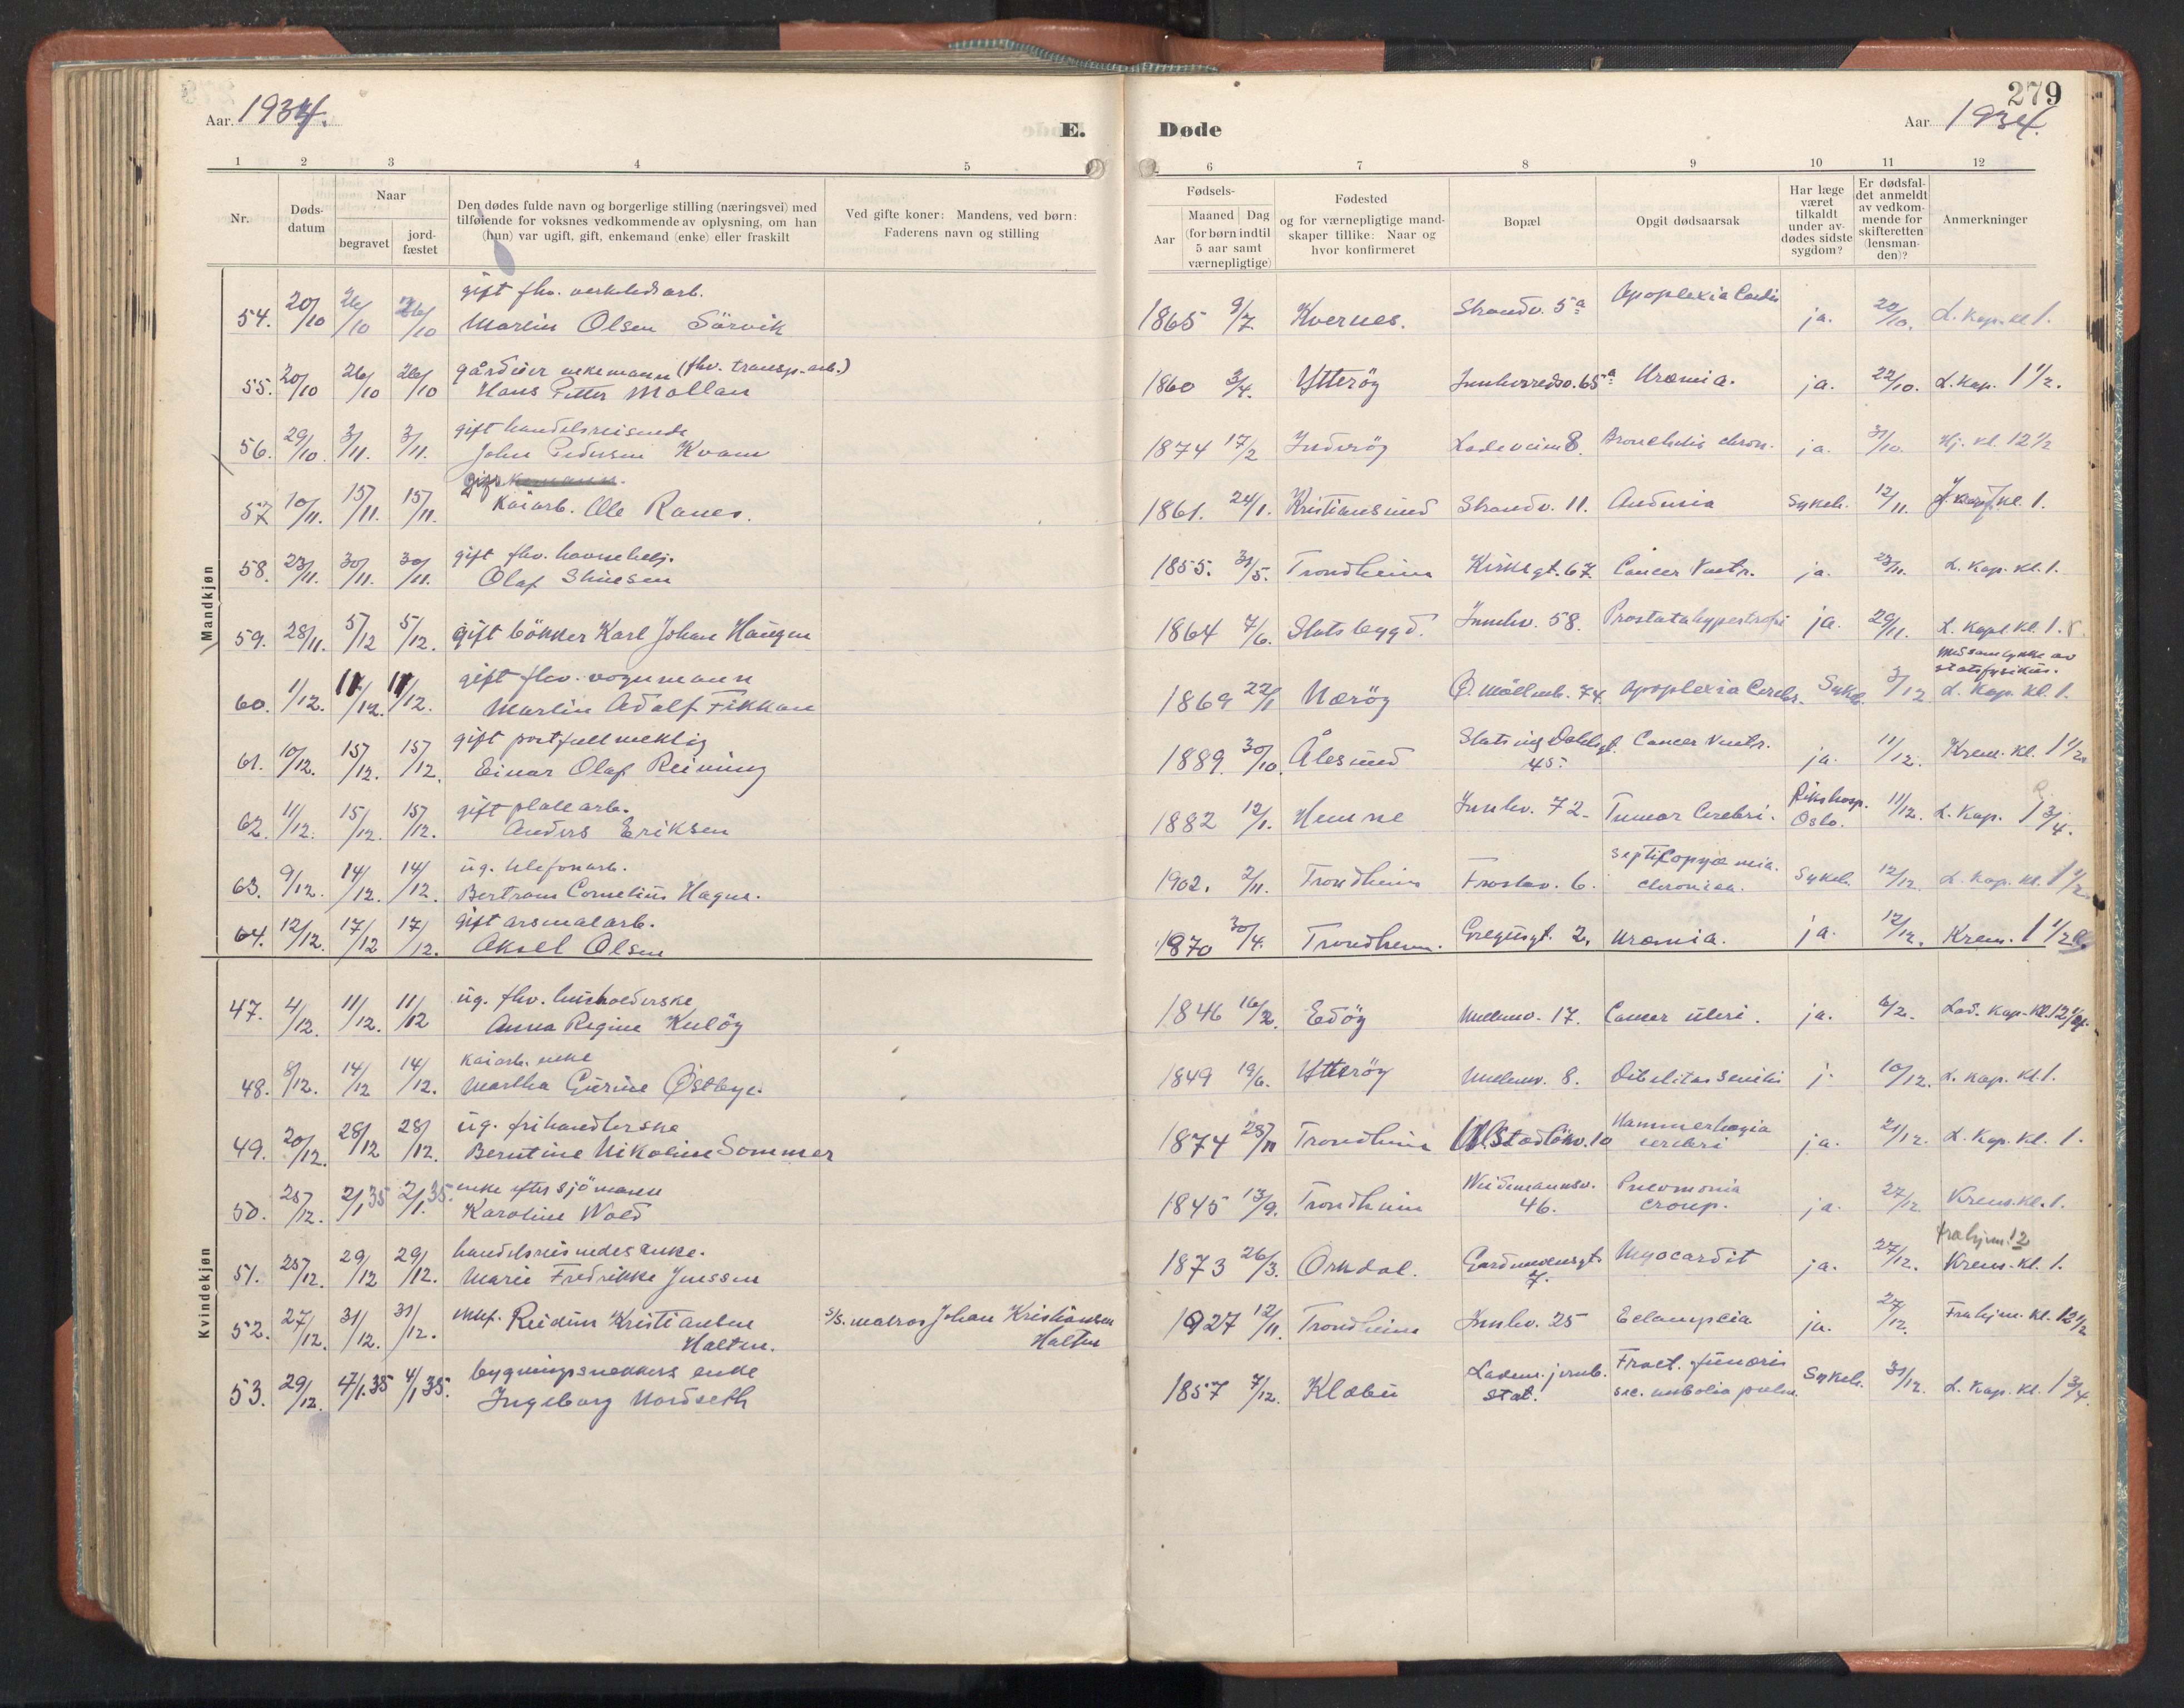 SAT, Ministerialprotokoller, klokkerbøker og fødselsregistre - Sør-Trøndelag, 605/L0245: Ministerialbok nr. 605A07, 1916-1938, s. 279